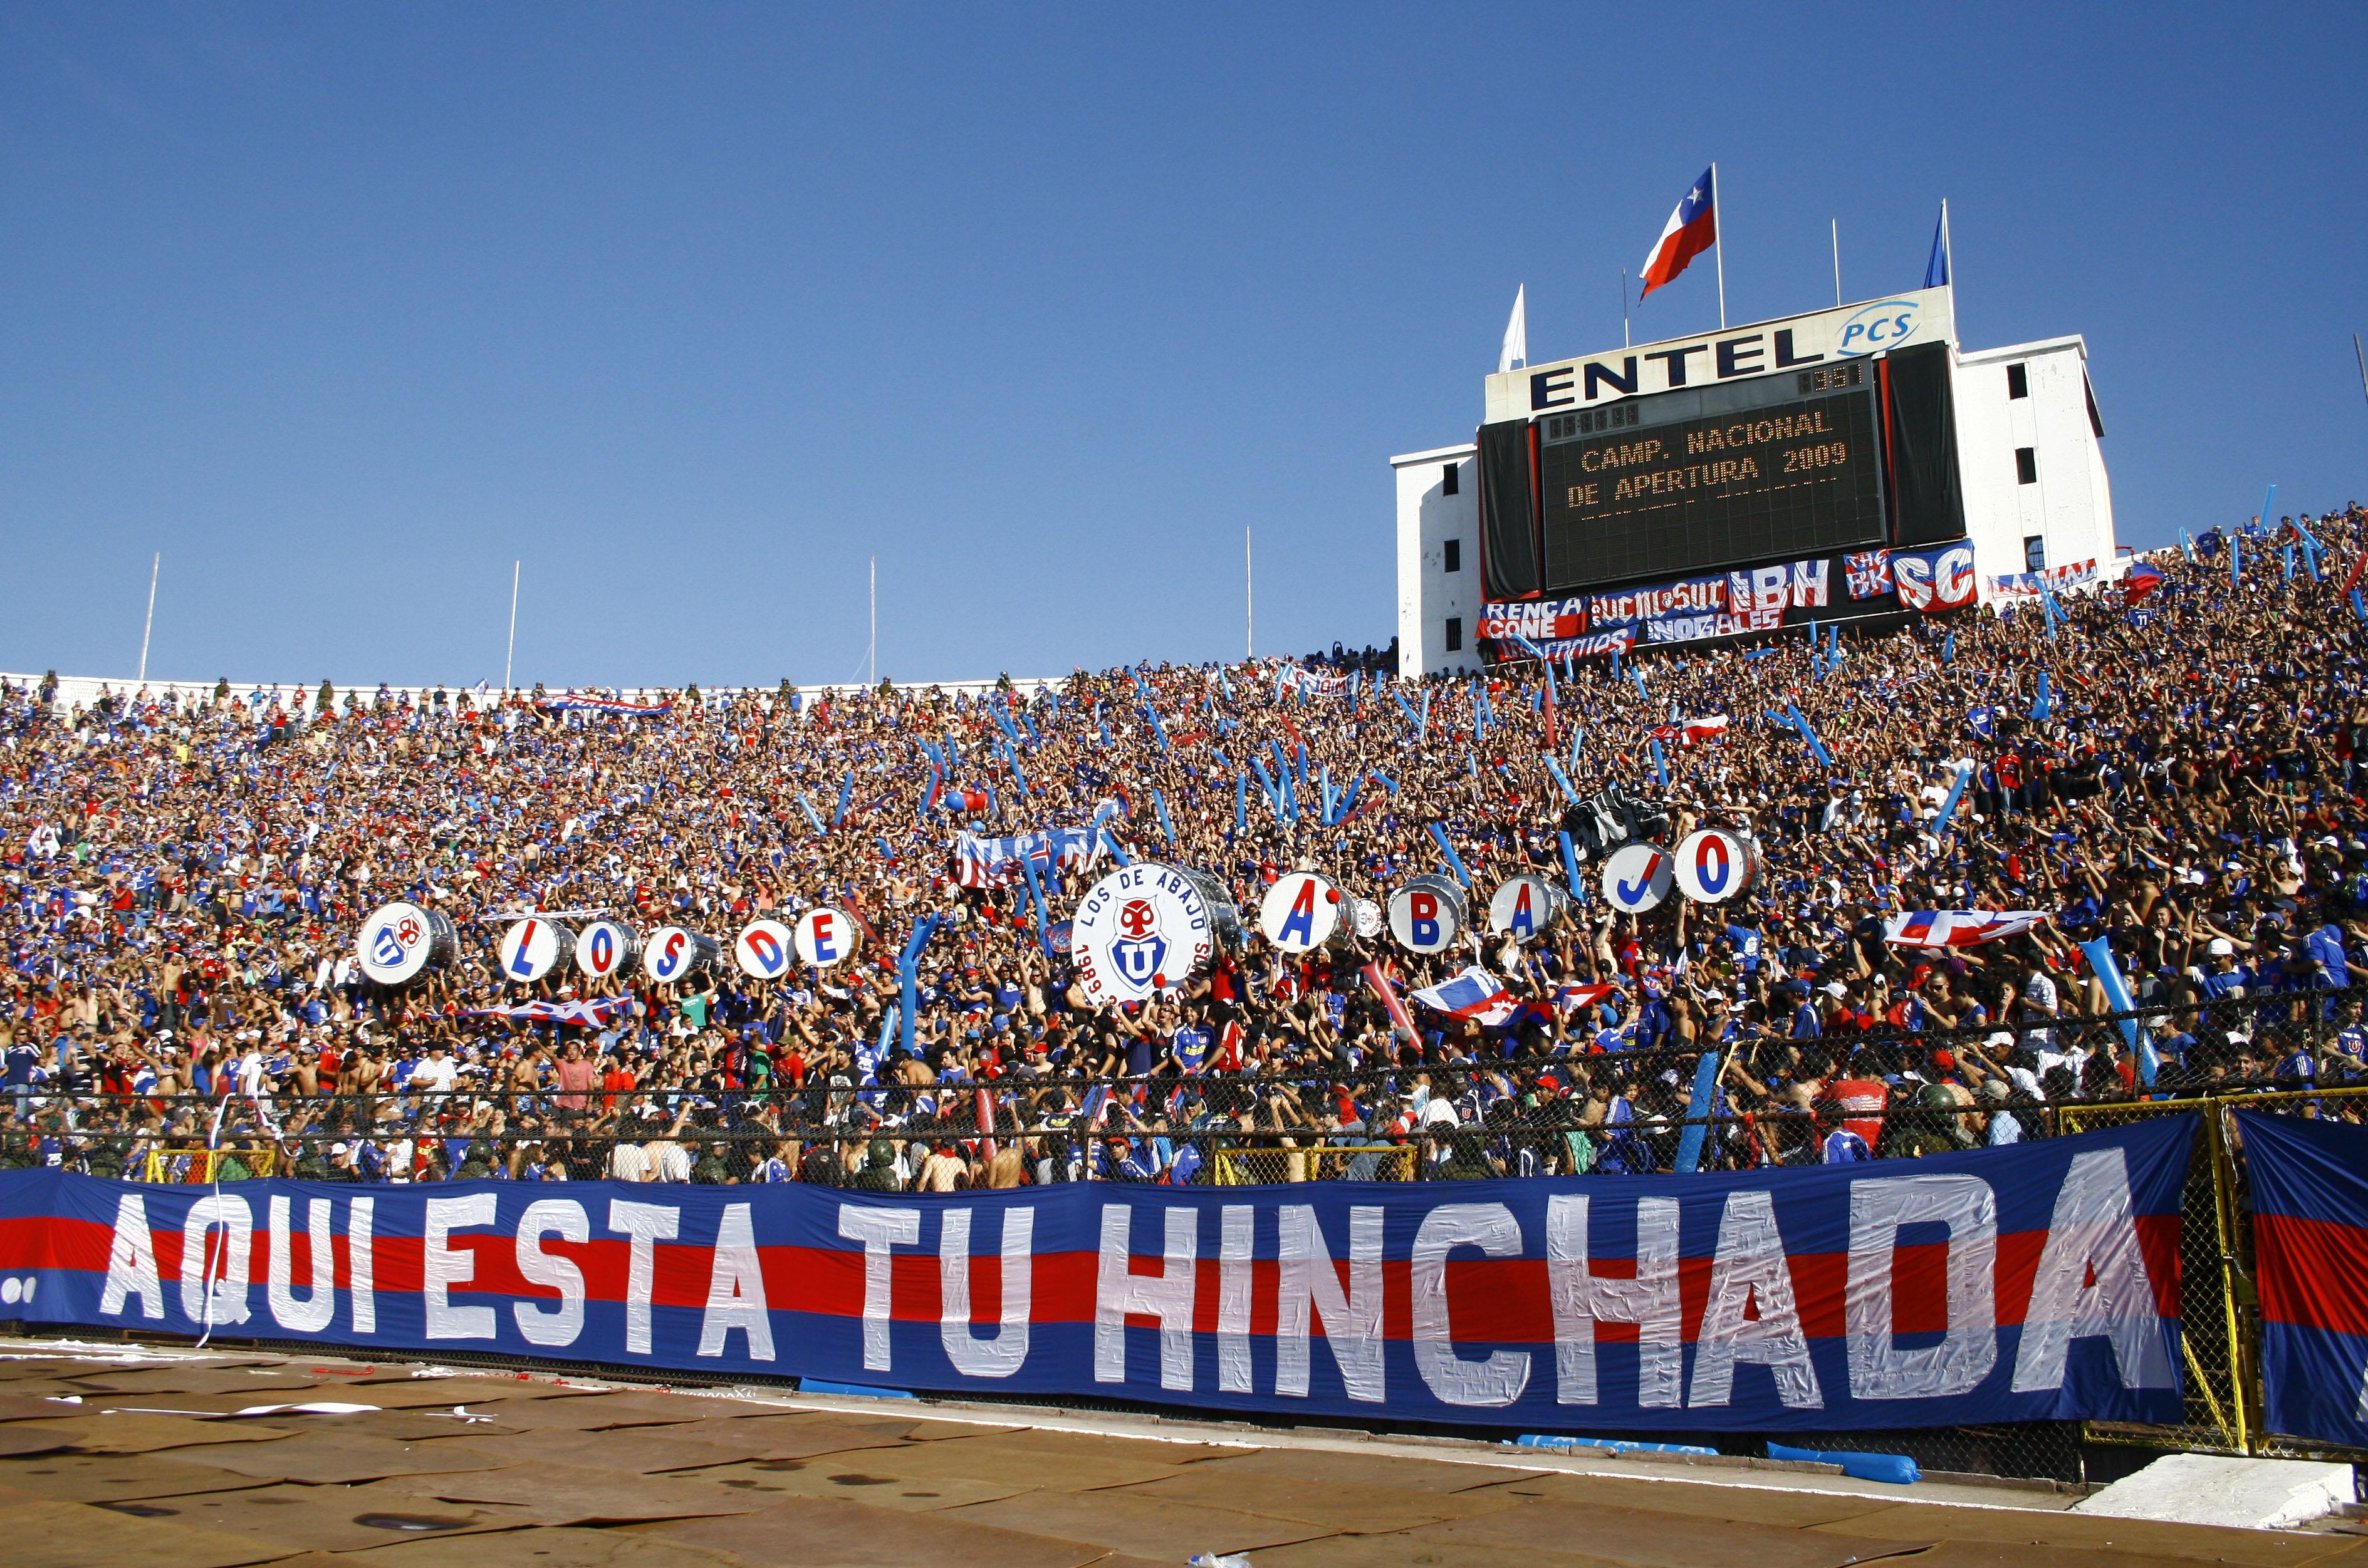 Ver Partido: Universidad de Chile vs Santiago Wanderers (03 de agosto) (A Que Hora Juegan)